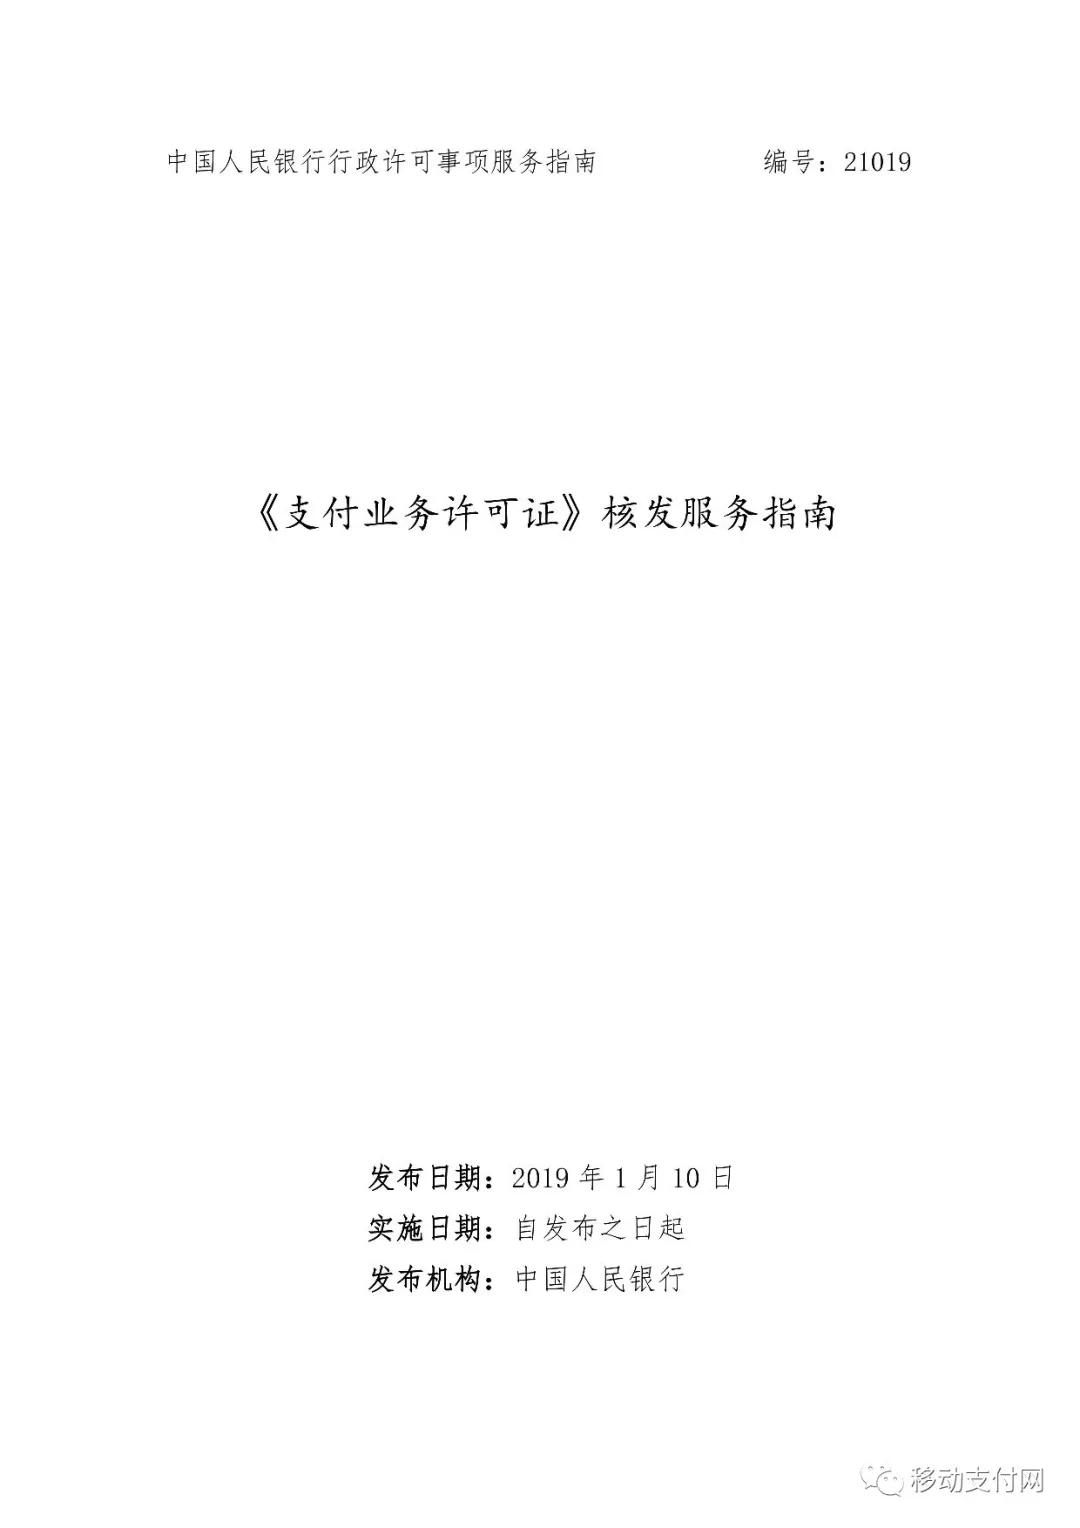 央行发布2019版《支付业务许可证》核发服务指南